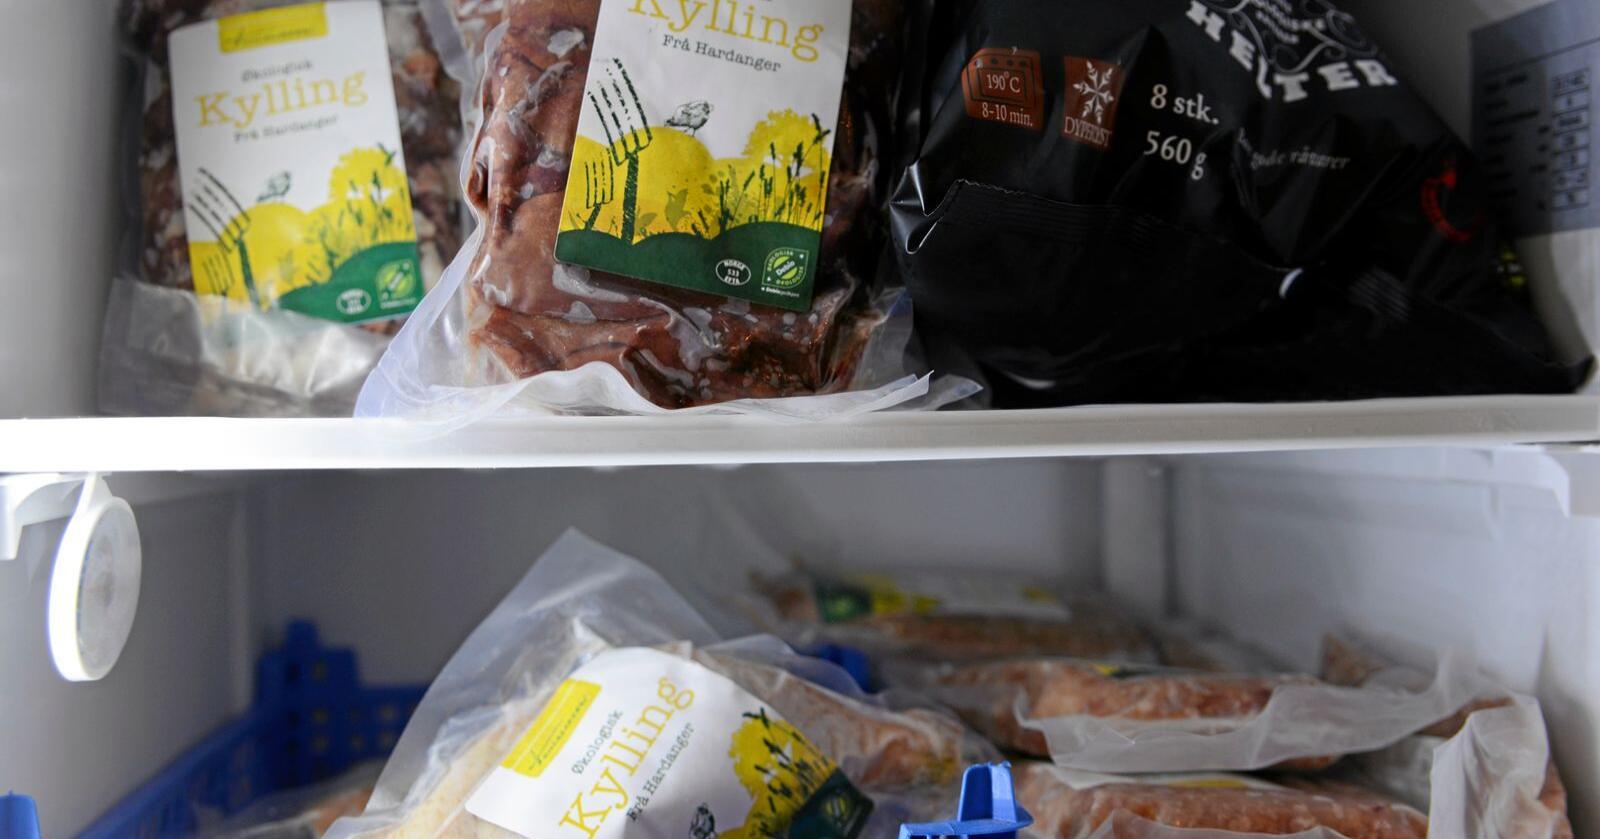 Helt vanlig mat: Flere øko-dyr spiser kunstgjødslet, sprøytet fôr. Foto: Mariann Tvete